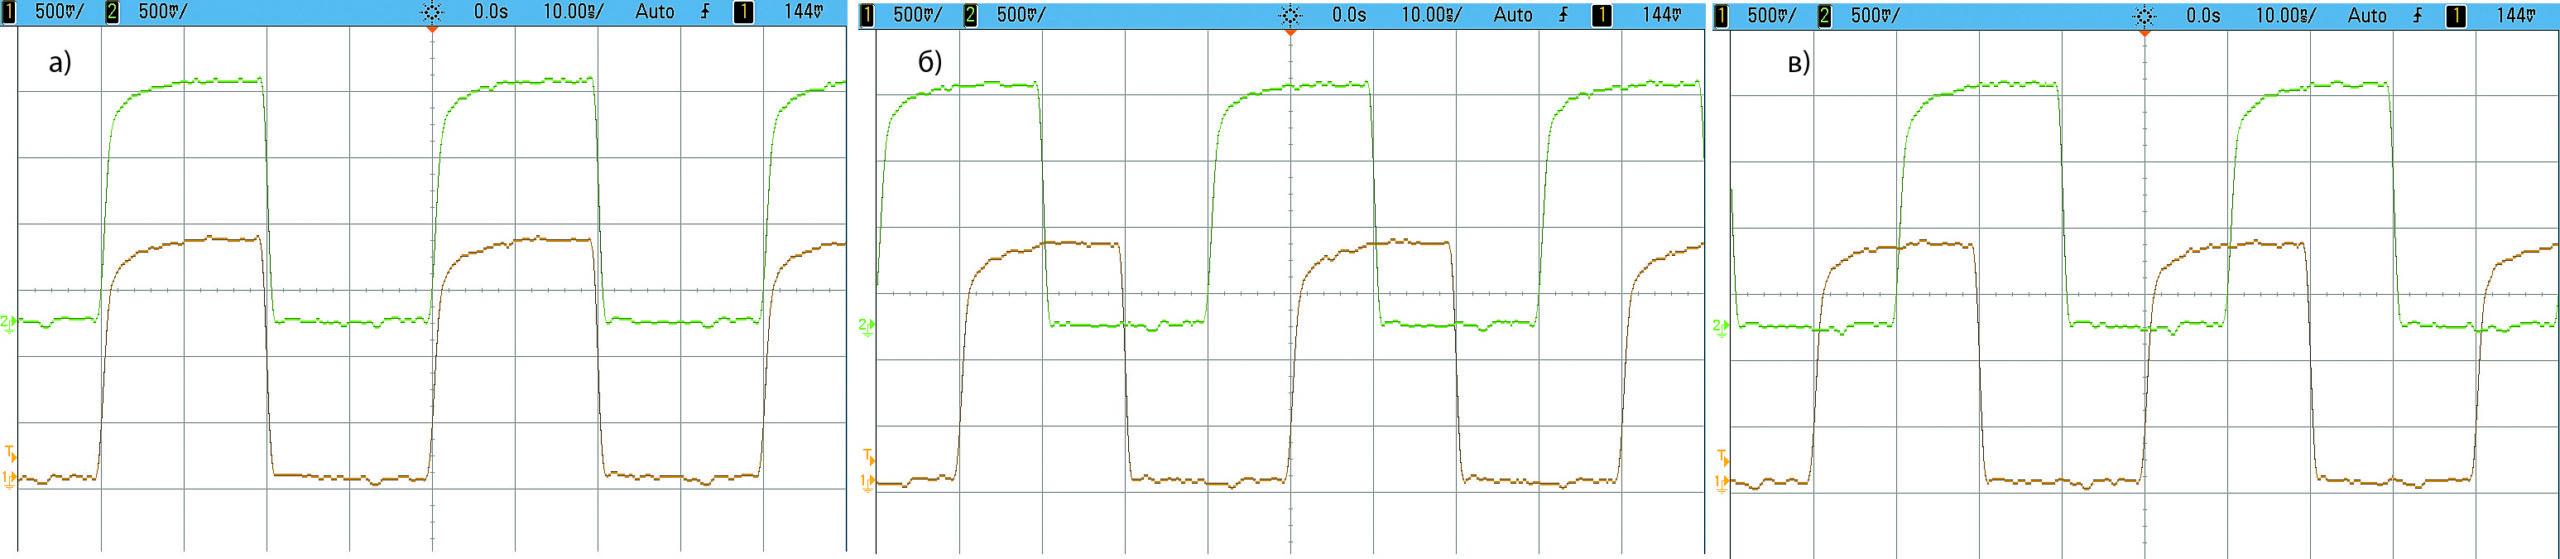 Результат испытаний модуля динамического сдвига фазы